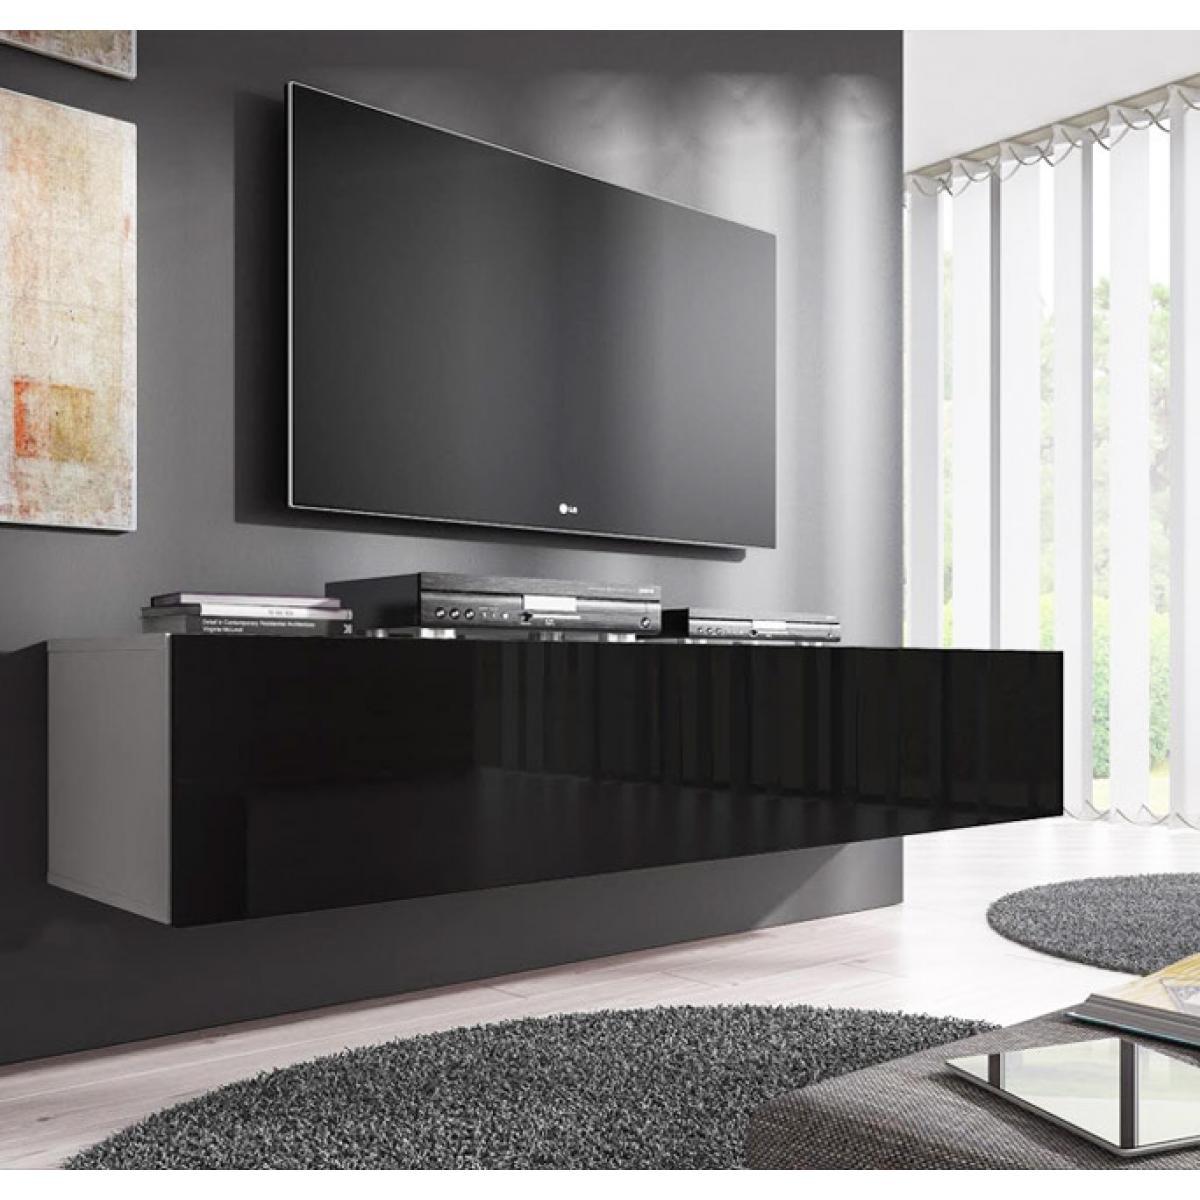 Design Ameublement Meuble TV modèle Forli XL (160 cm) blanc et noir